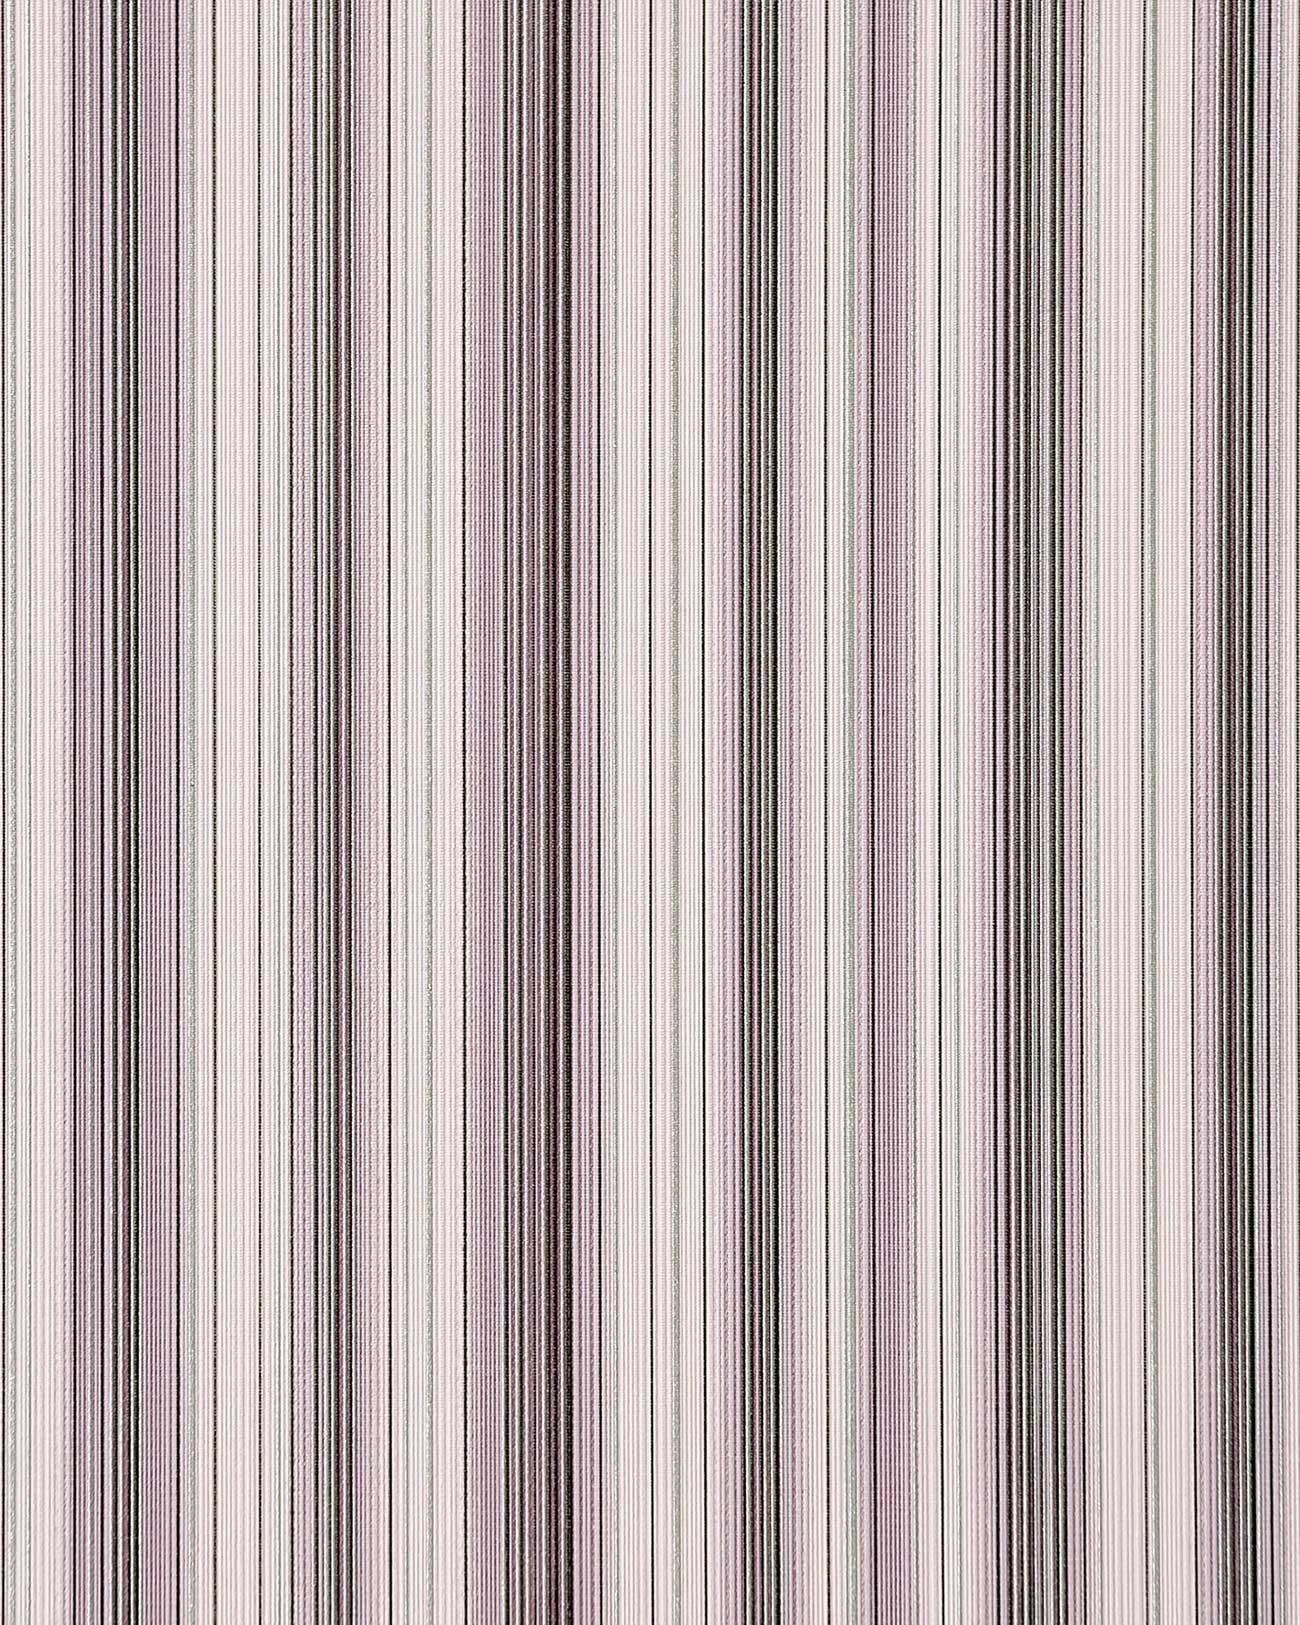 papier peint en vinyle dessin rayures splendides edem 097 24 et moderne pr cieux violet lilas. Black Bedroom Furniture Sets. Home Design Ideas